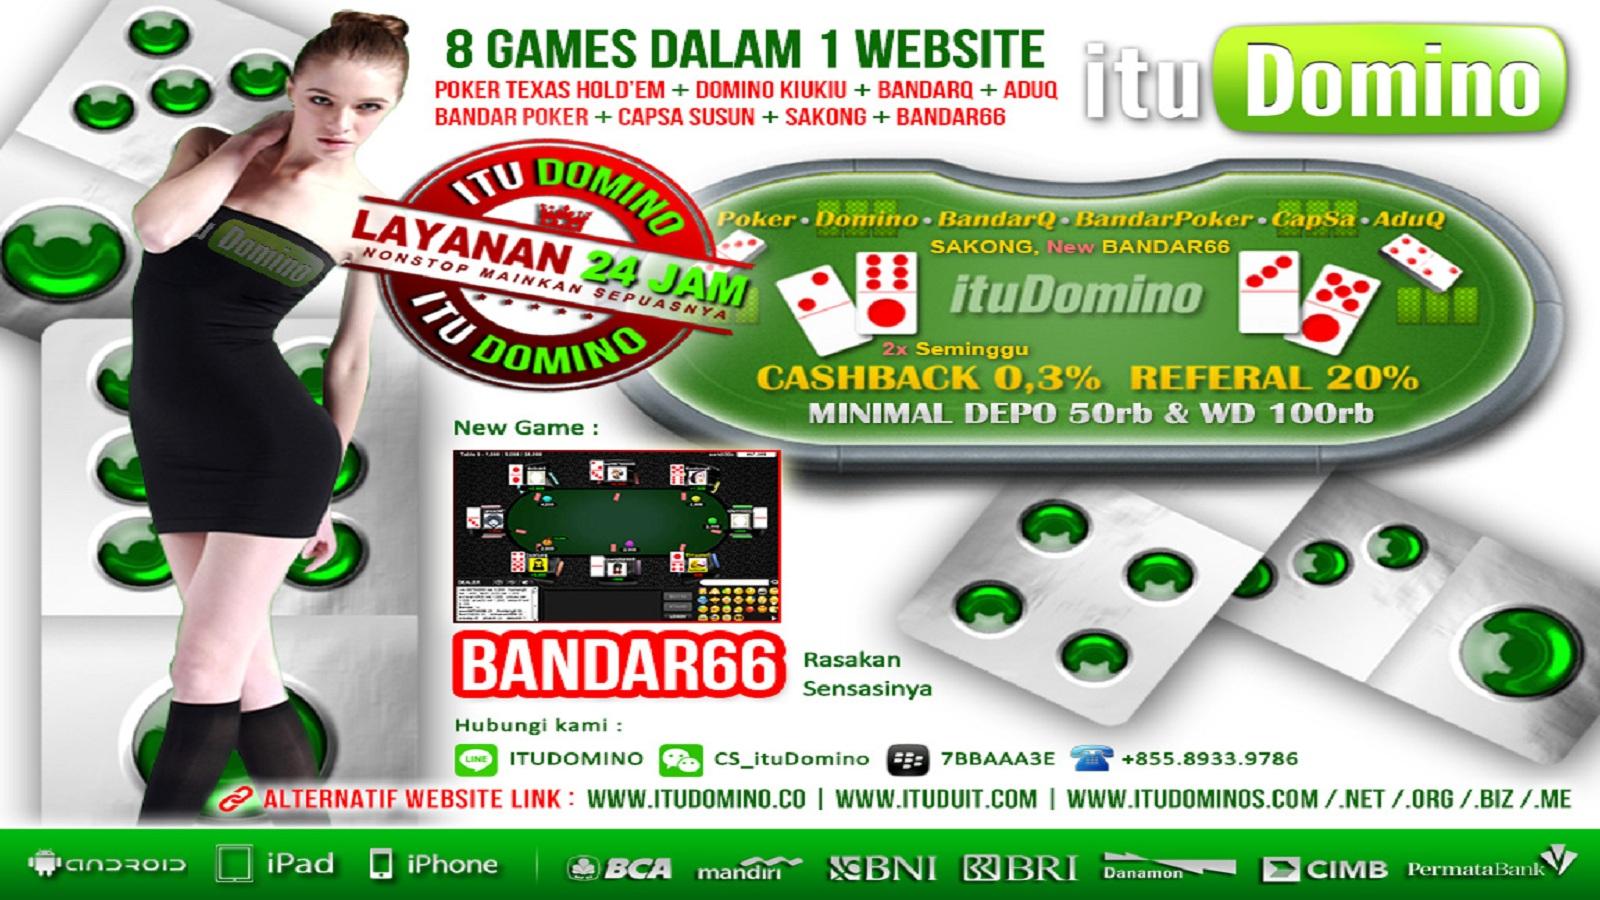 Situs Domino 99 Online Terpercaya Agen ituDomino